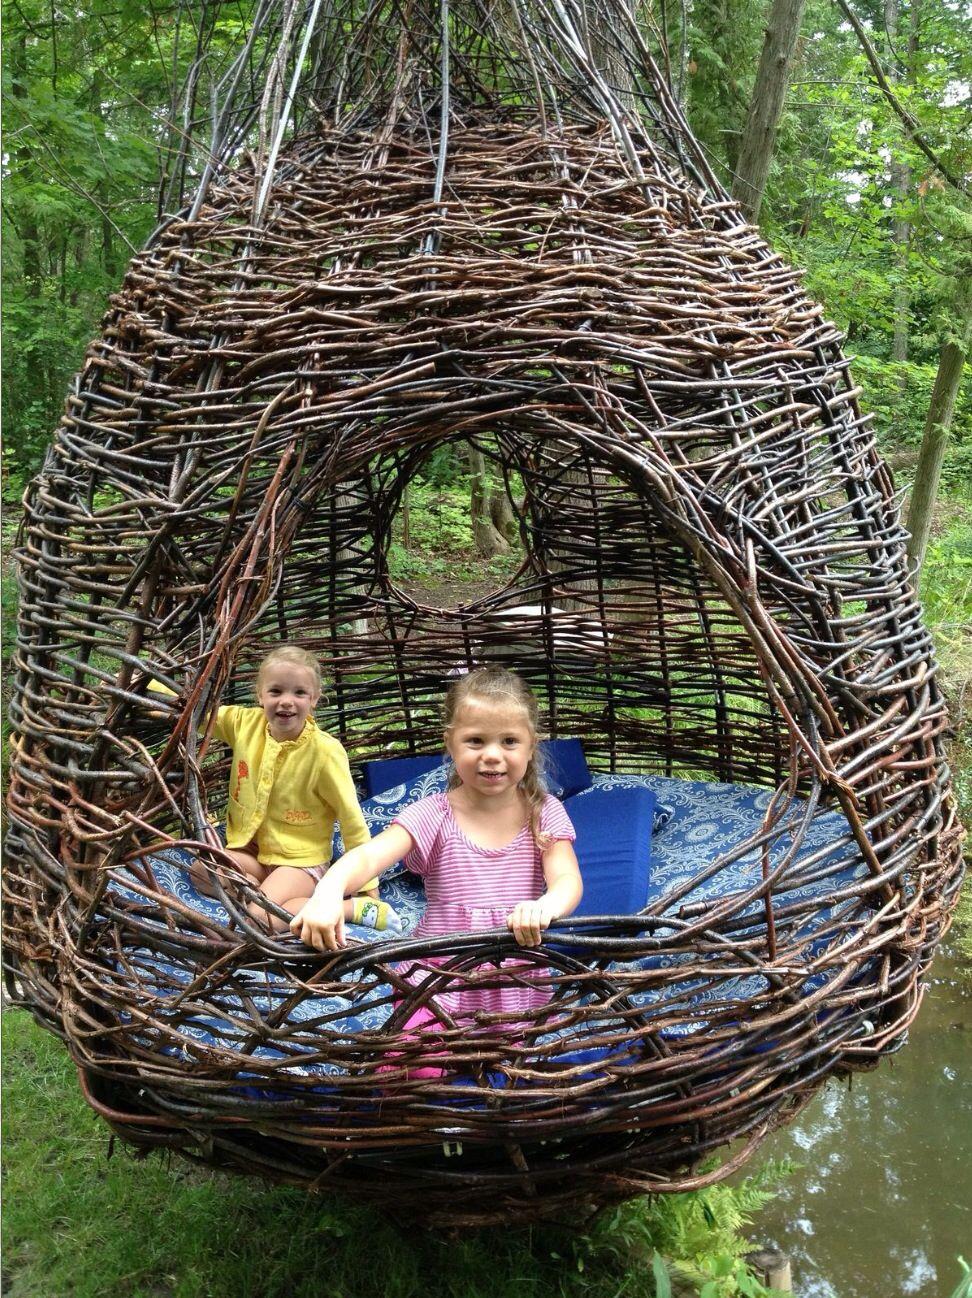 Little Ones In The Nest Play Garden Halloween Garden